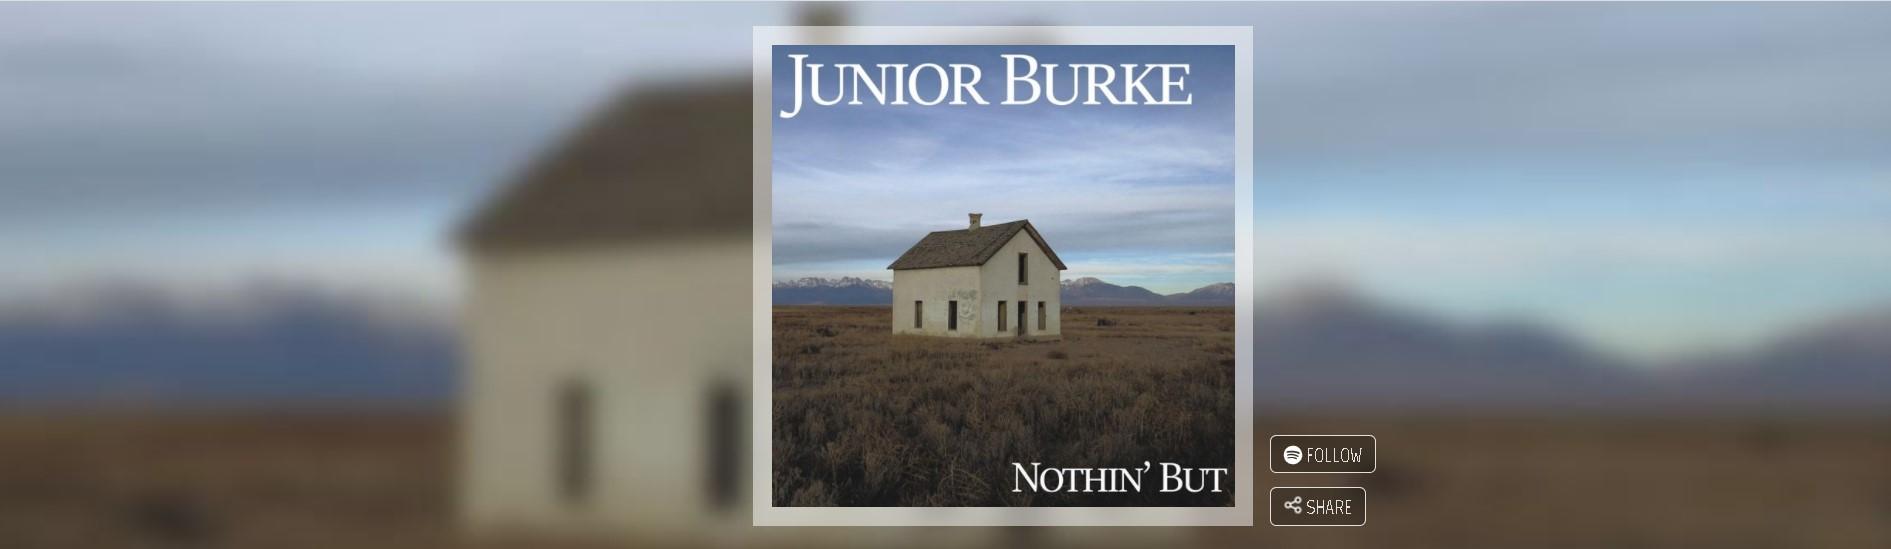 Junior Burke